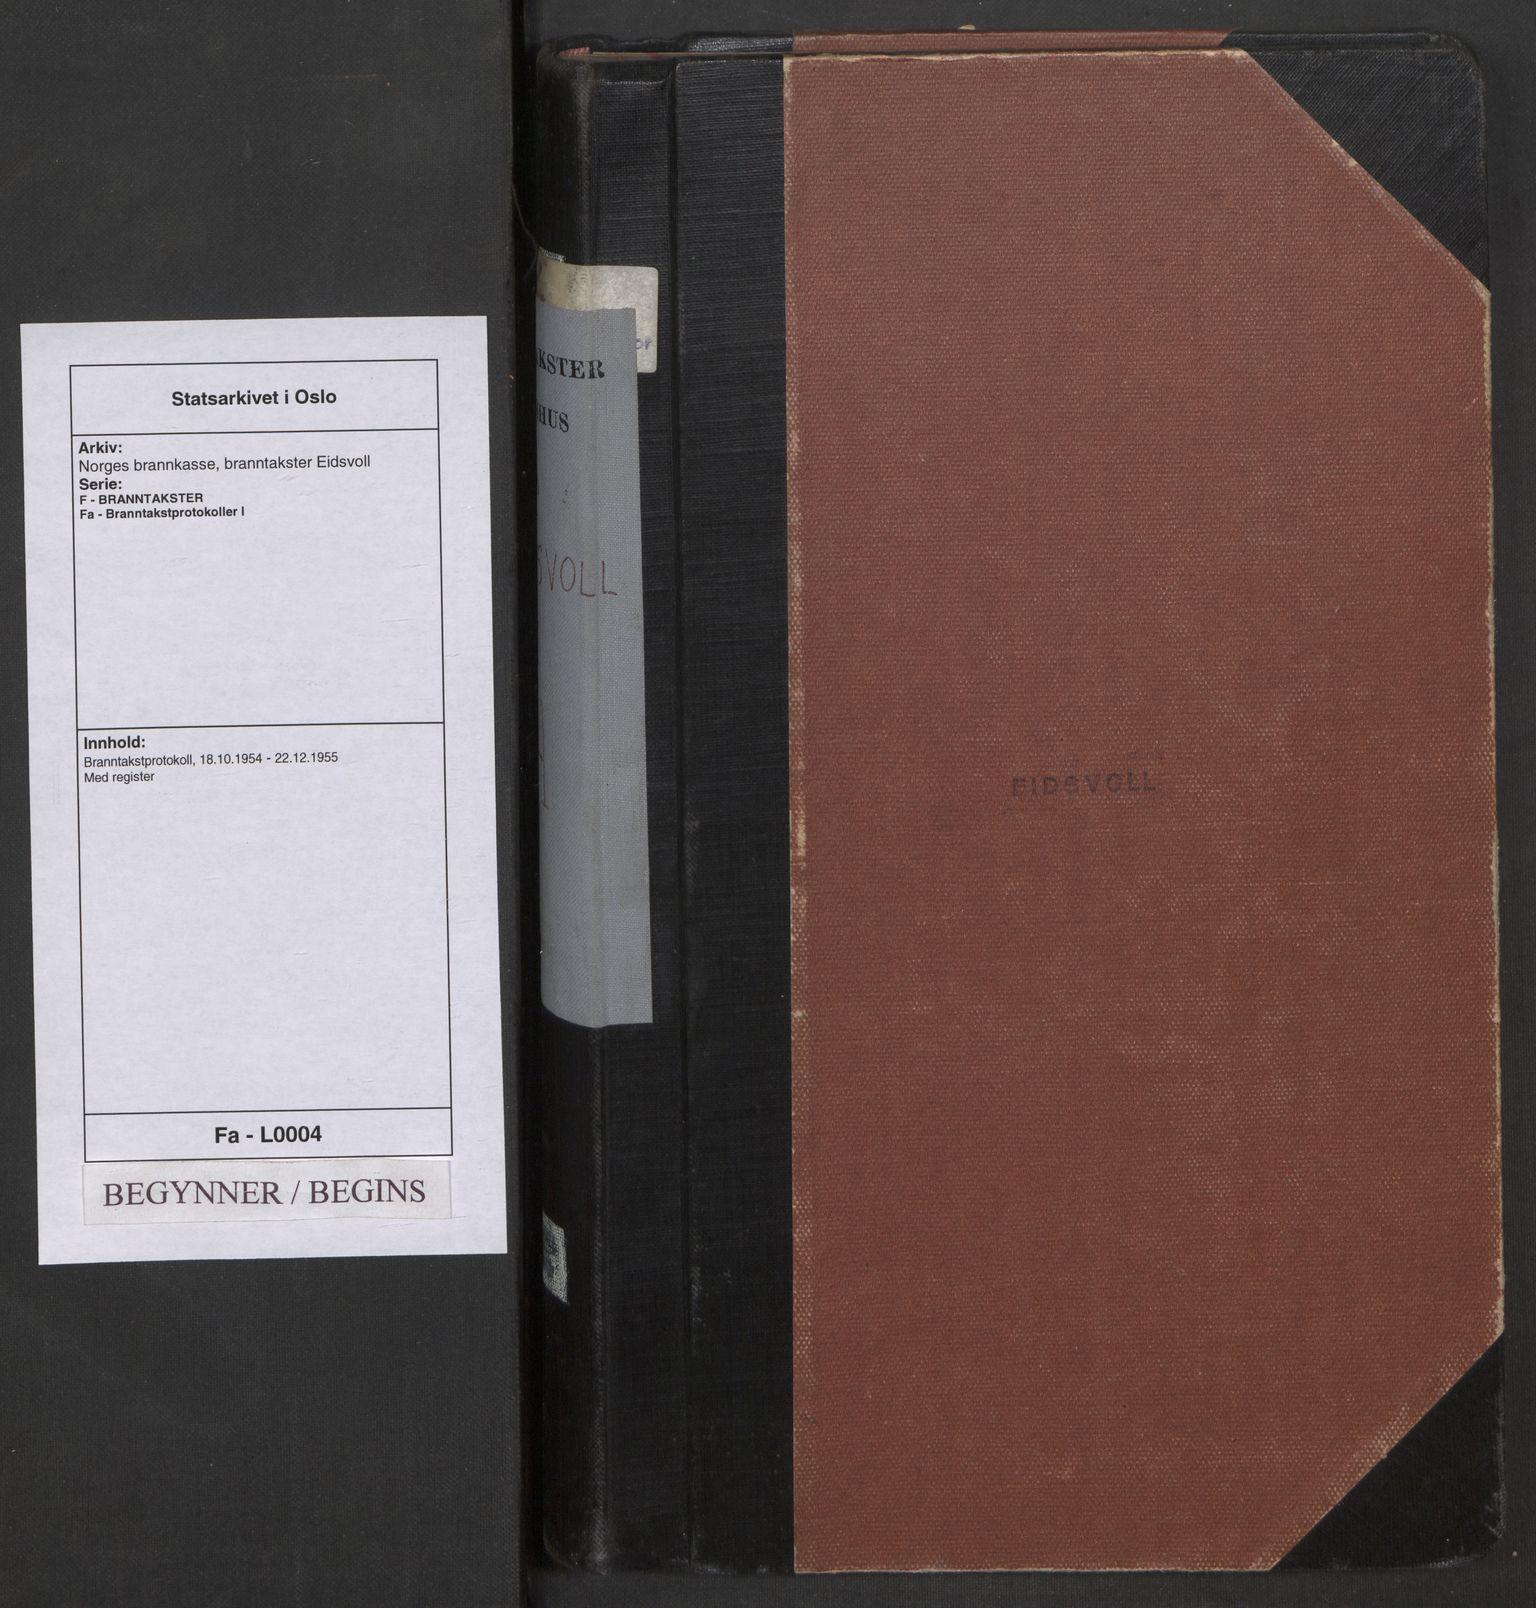 SAO, Norges brannkasse, branntakster Eidsvoll, F/Fa/L0004: Branntakstprotokoll, 1954-1955